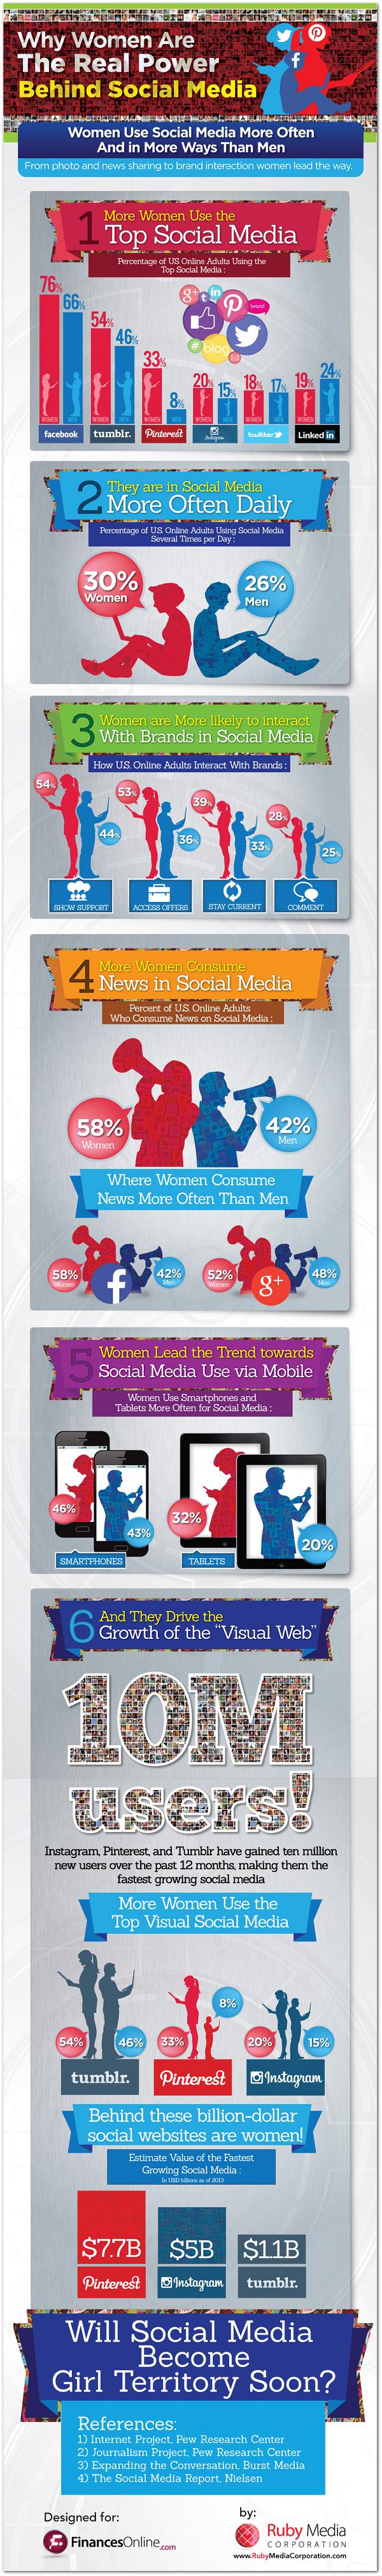 women-power-social-media-infographic